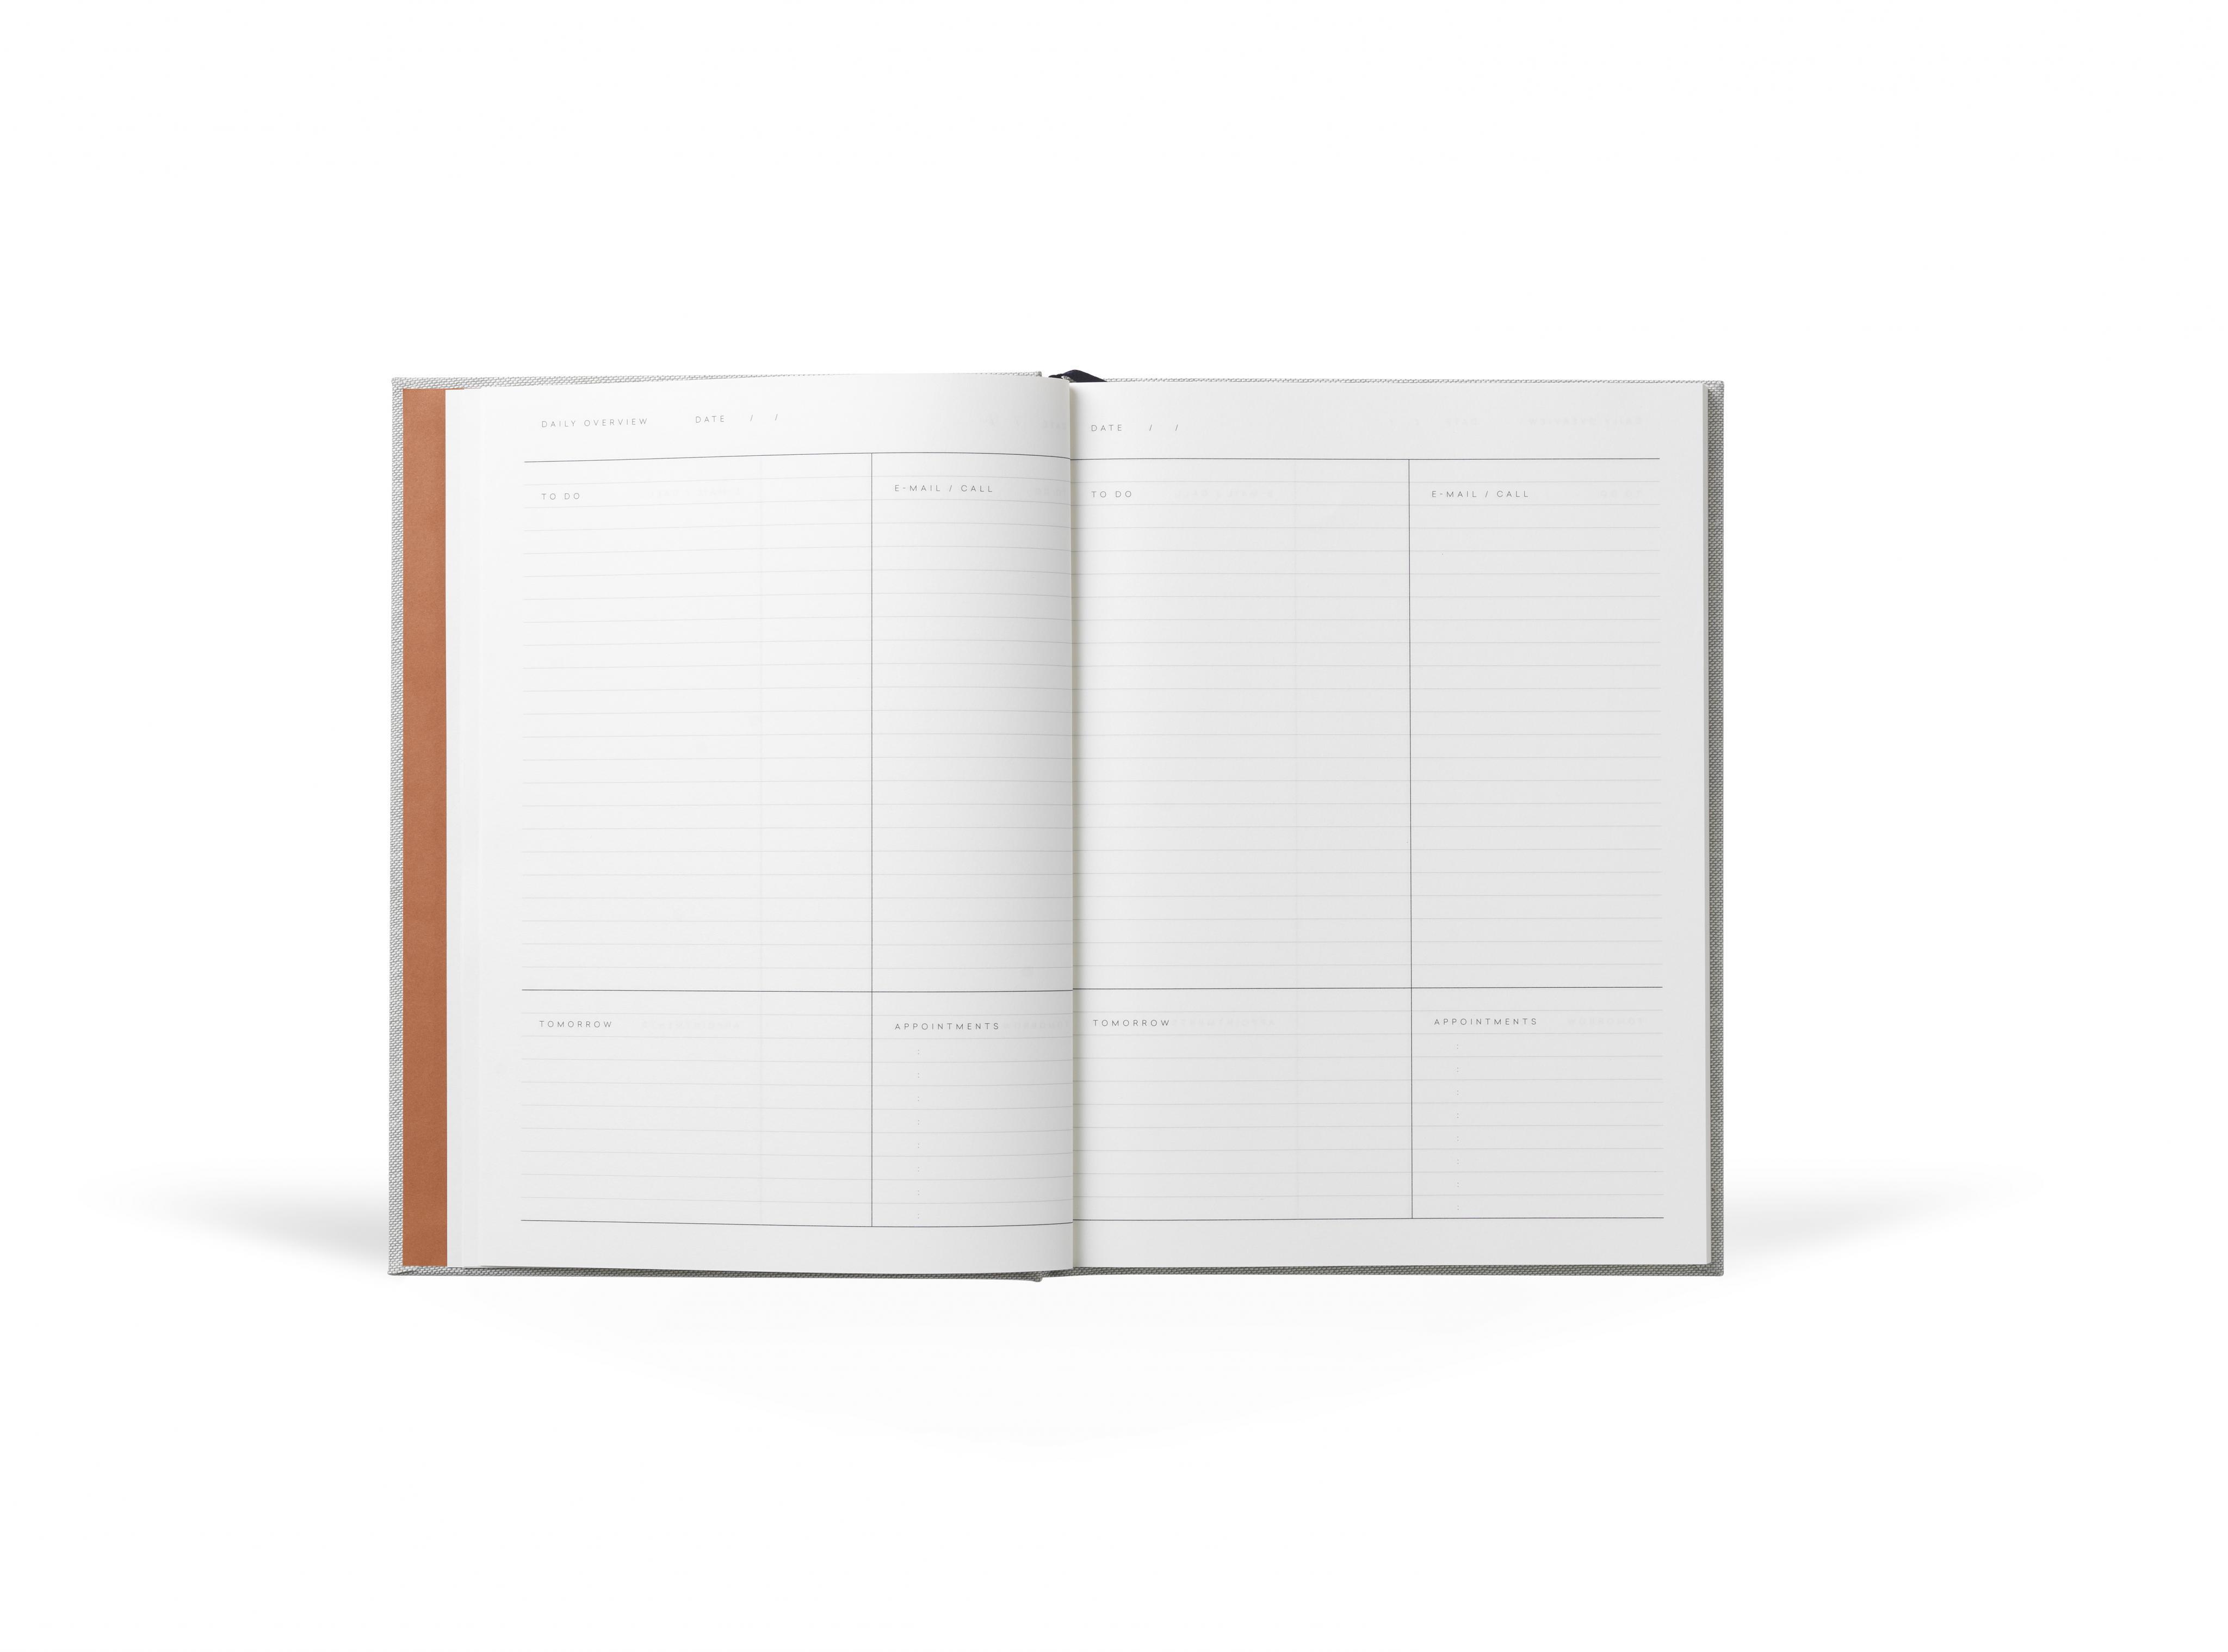 volta_notem_even_working-journal_inside_03